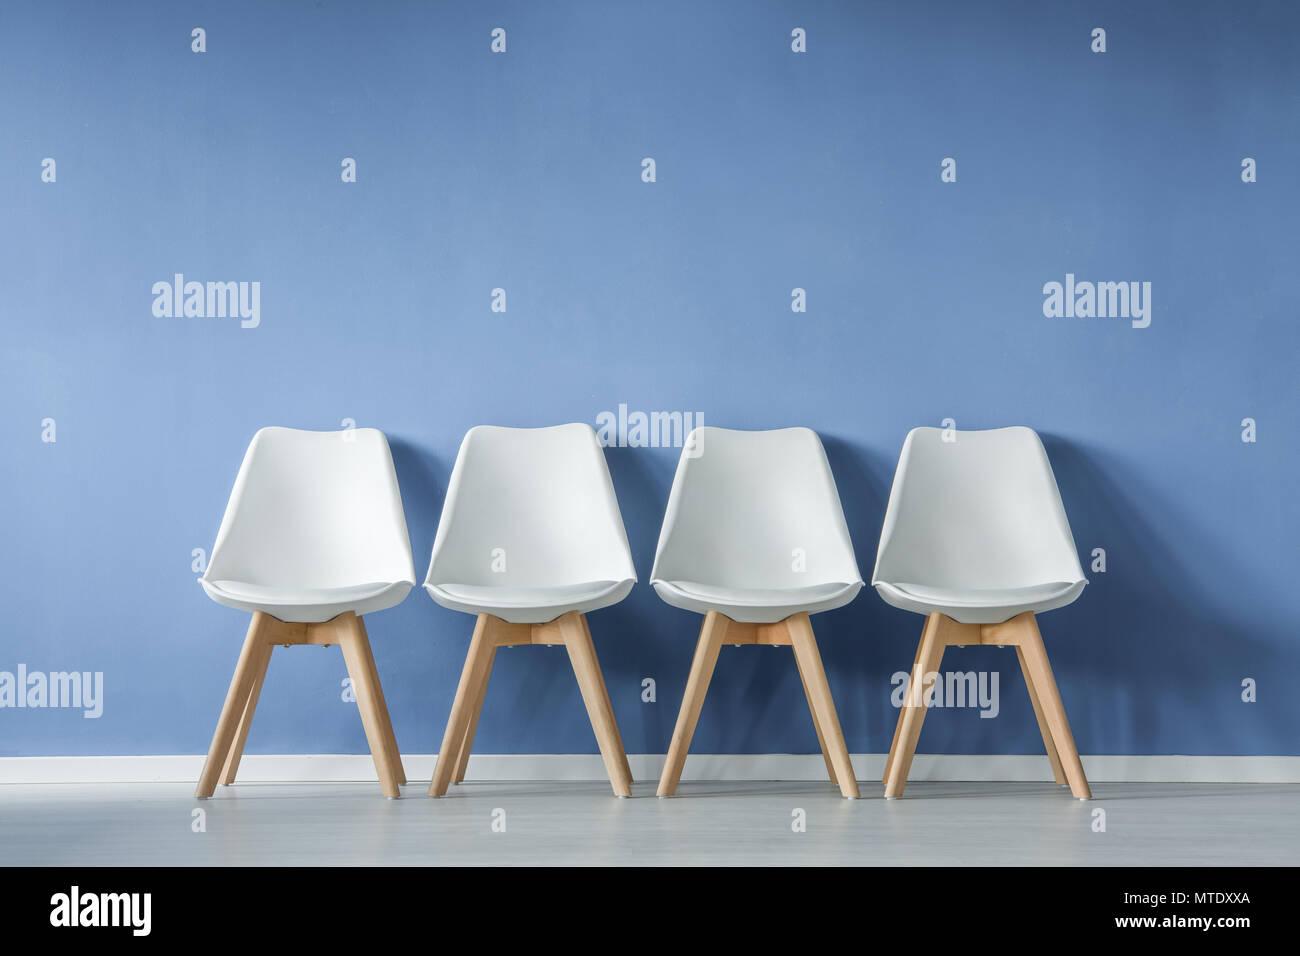 Vista frontale di una fila di moderni semplici sedie bianche